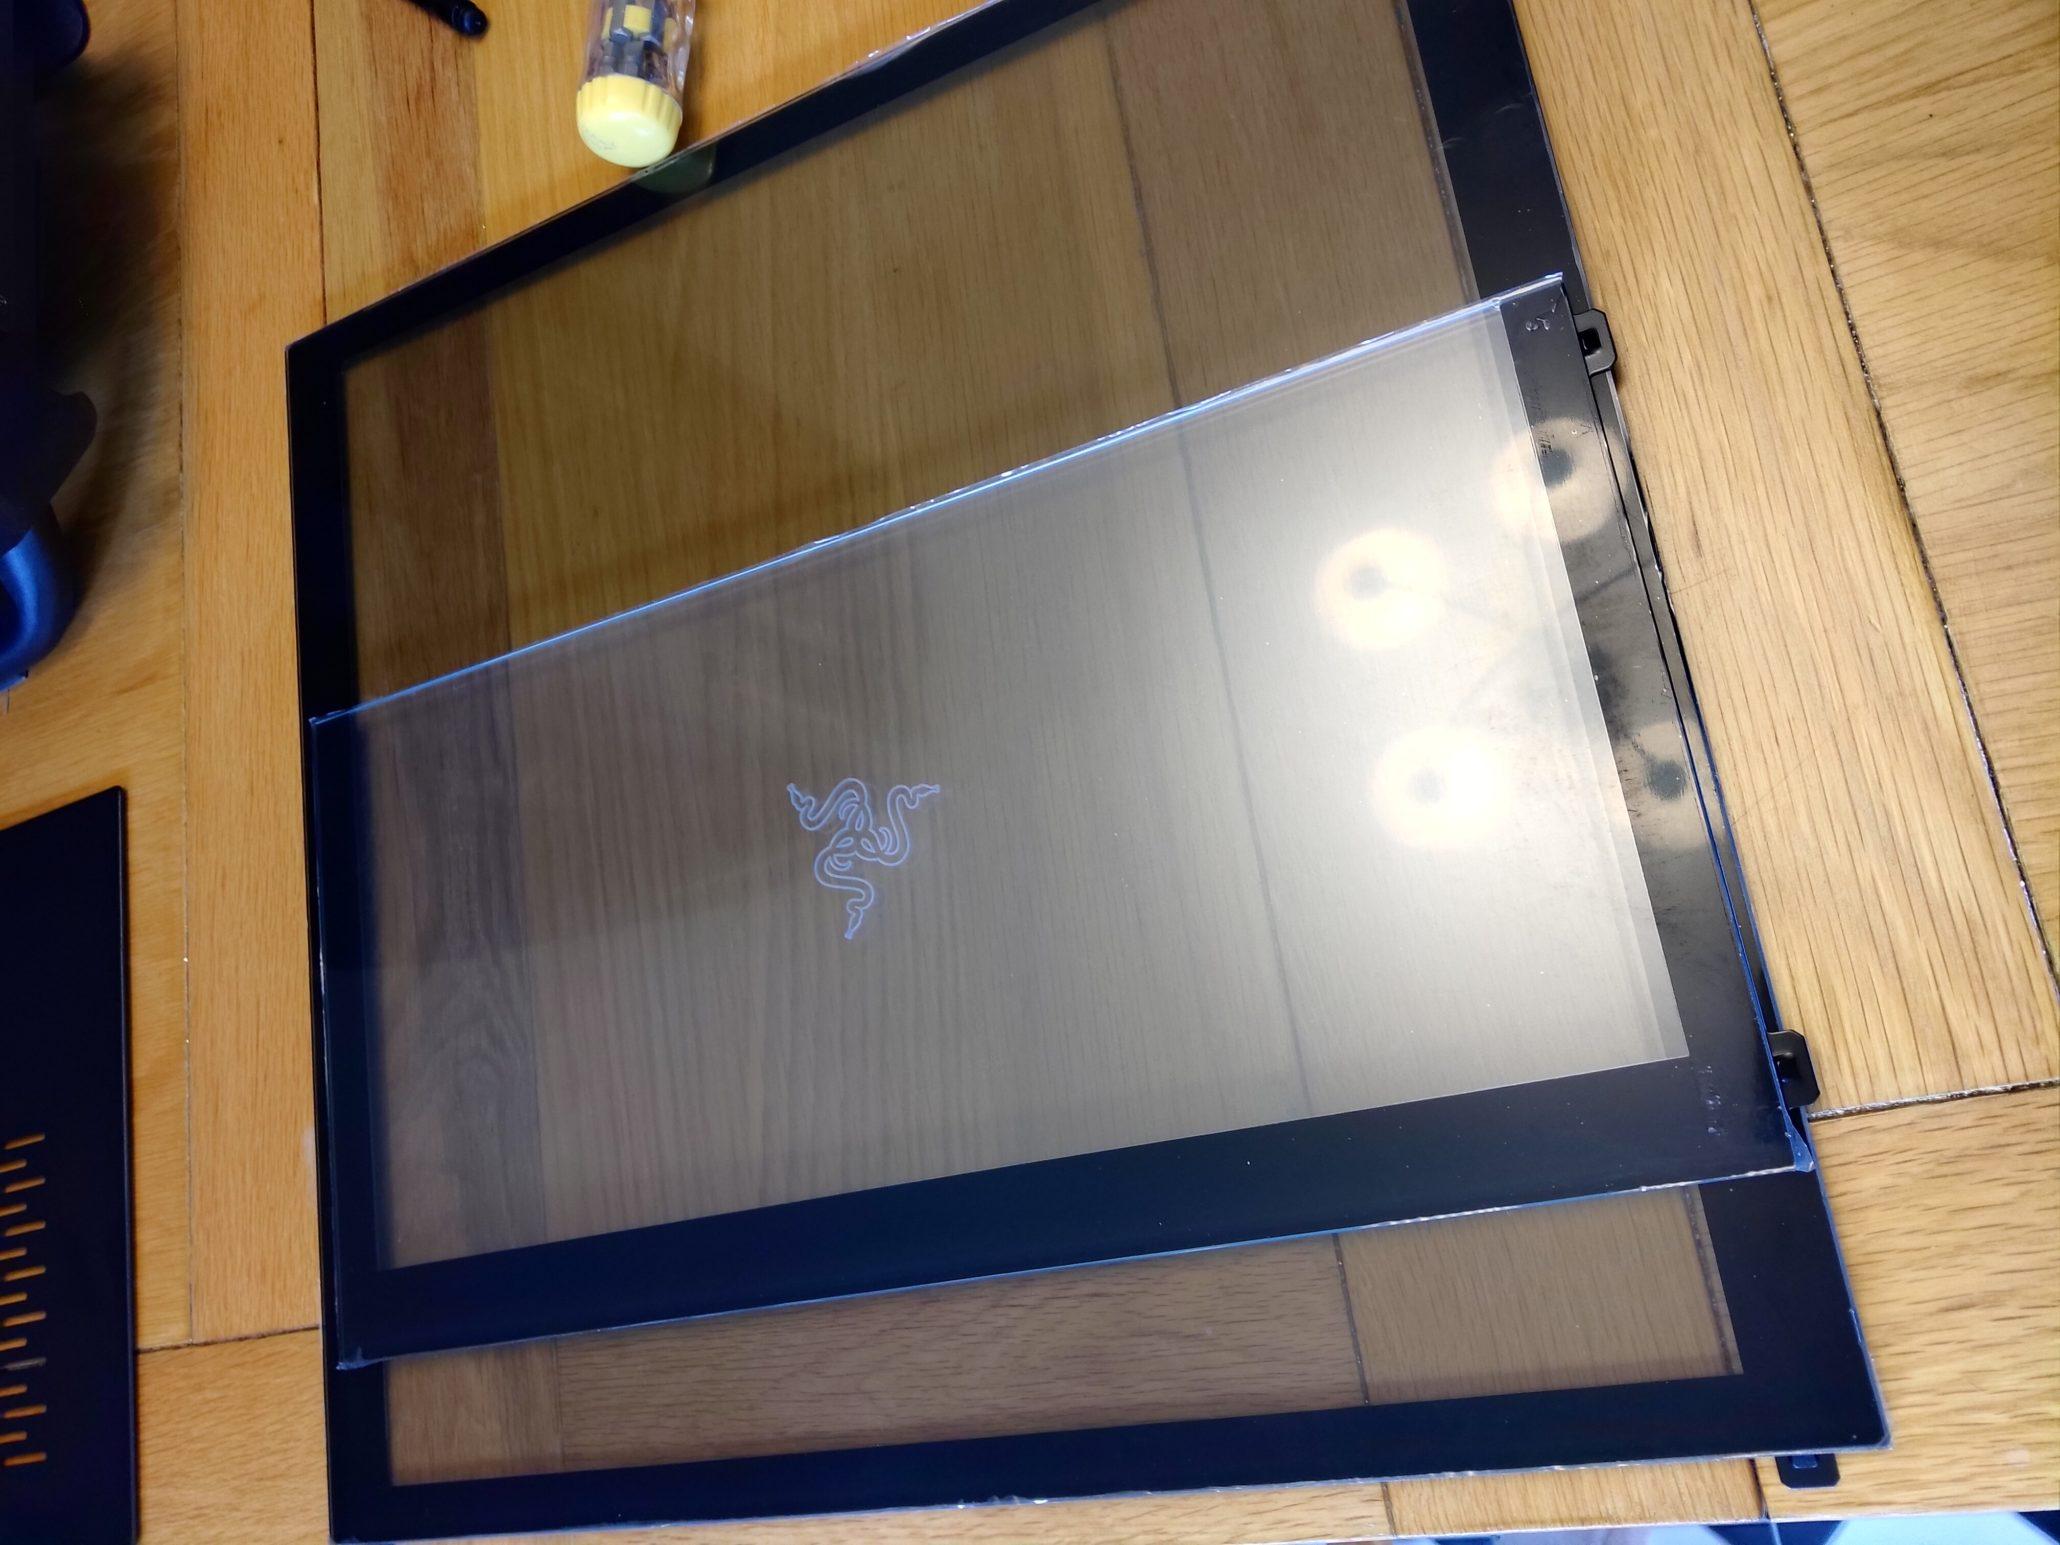 lian-li-pc-o11-glass-panels